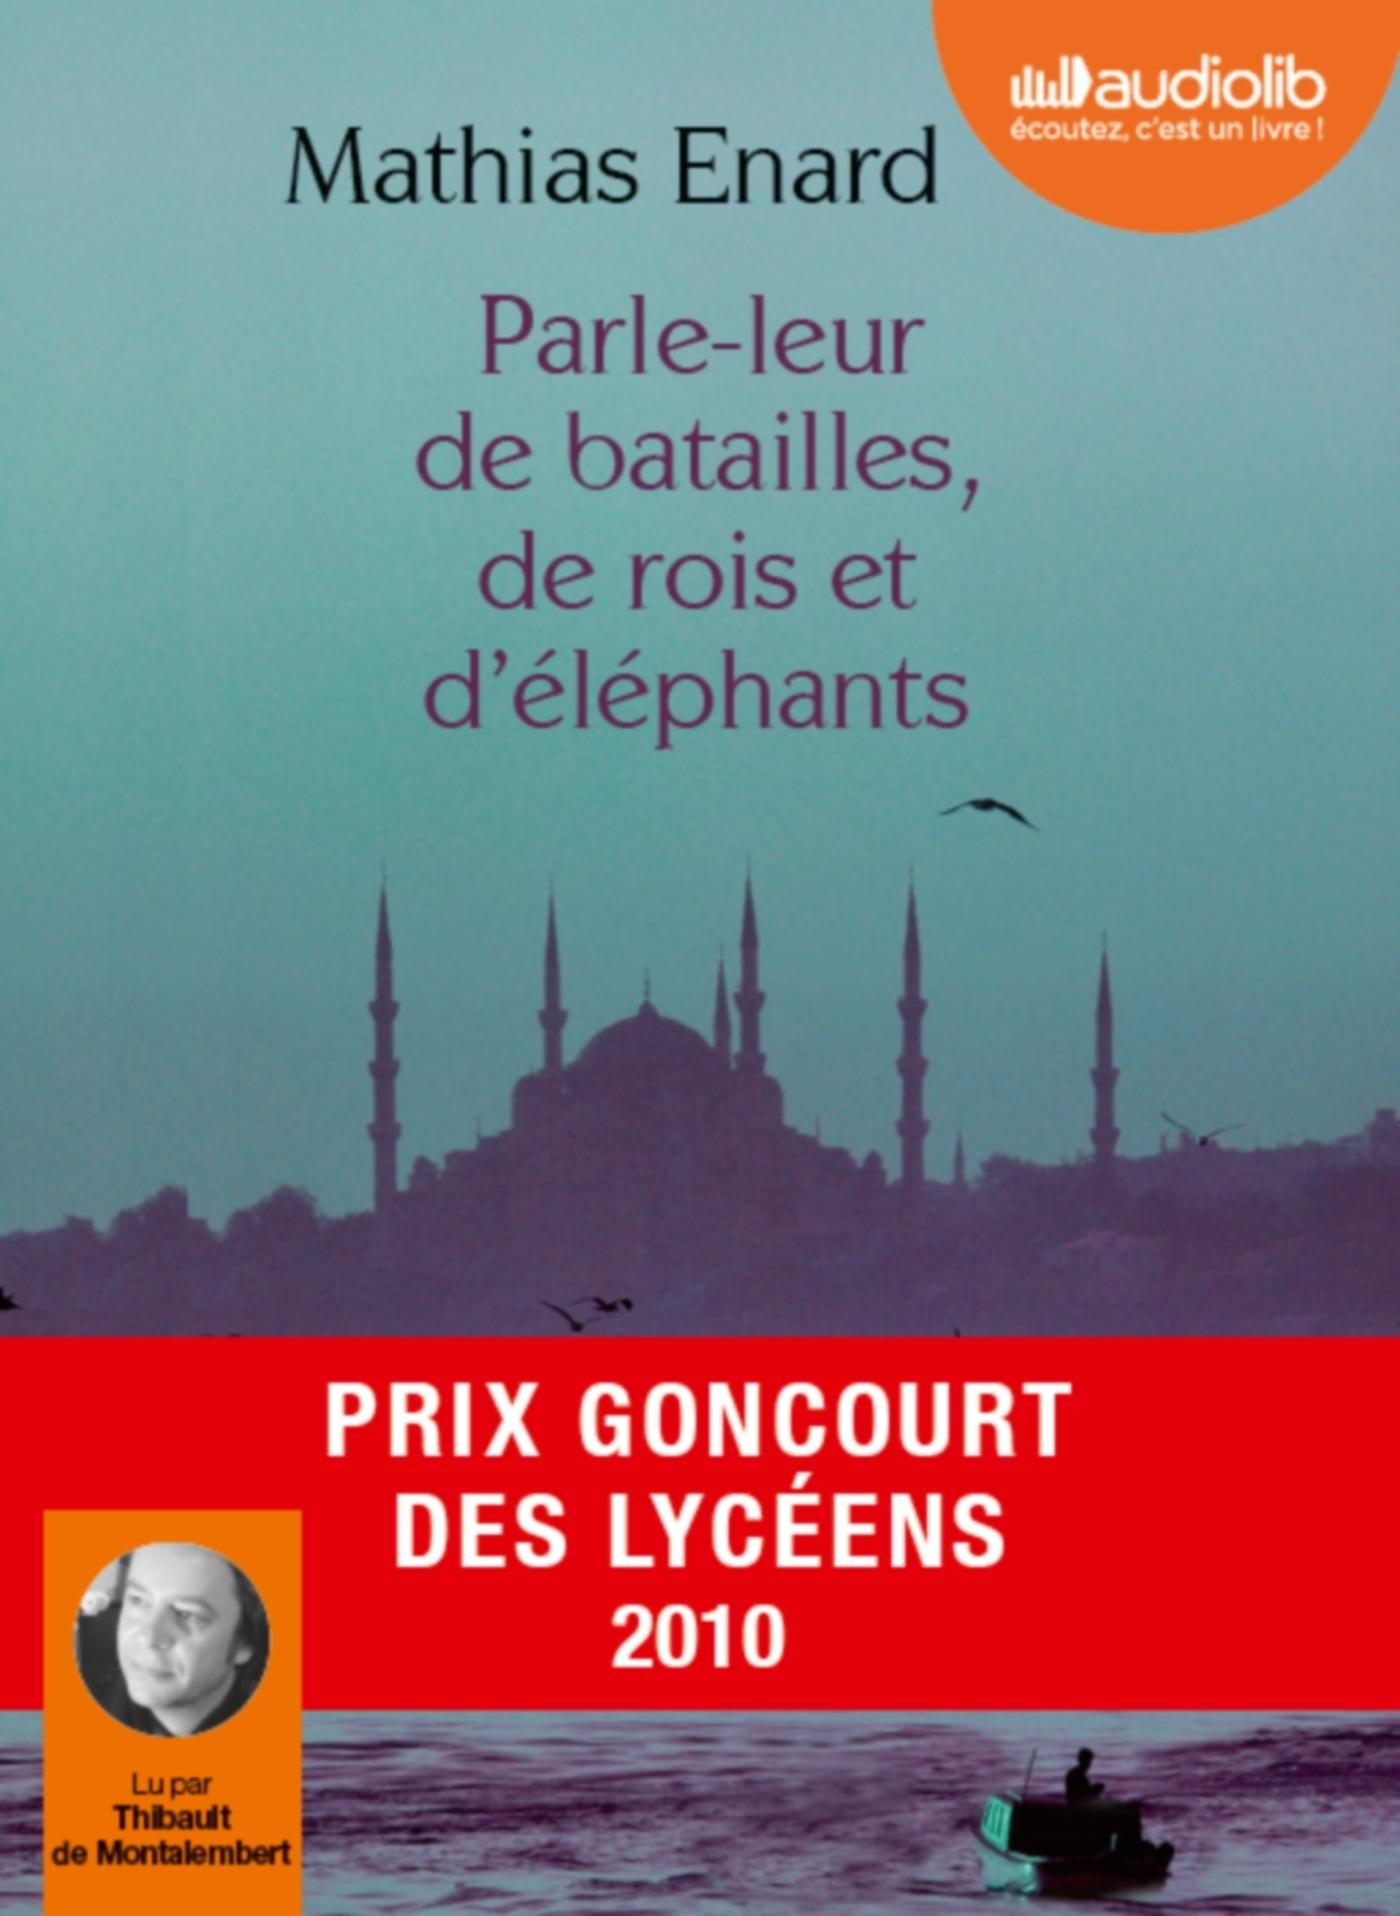 PARLE-LEUR DE BATAILLES DE ROIS ET D'ELEPHANTS